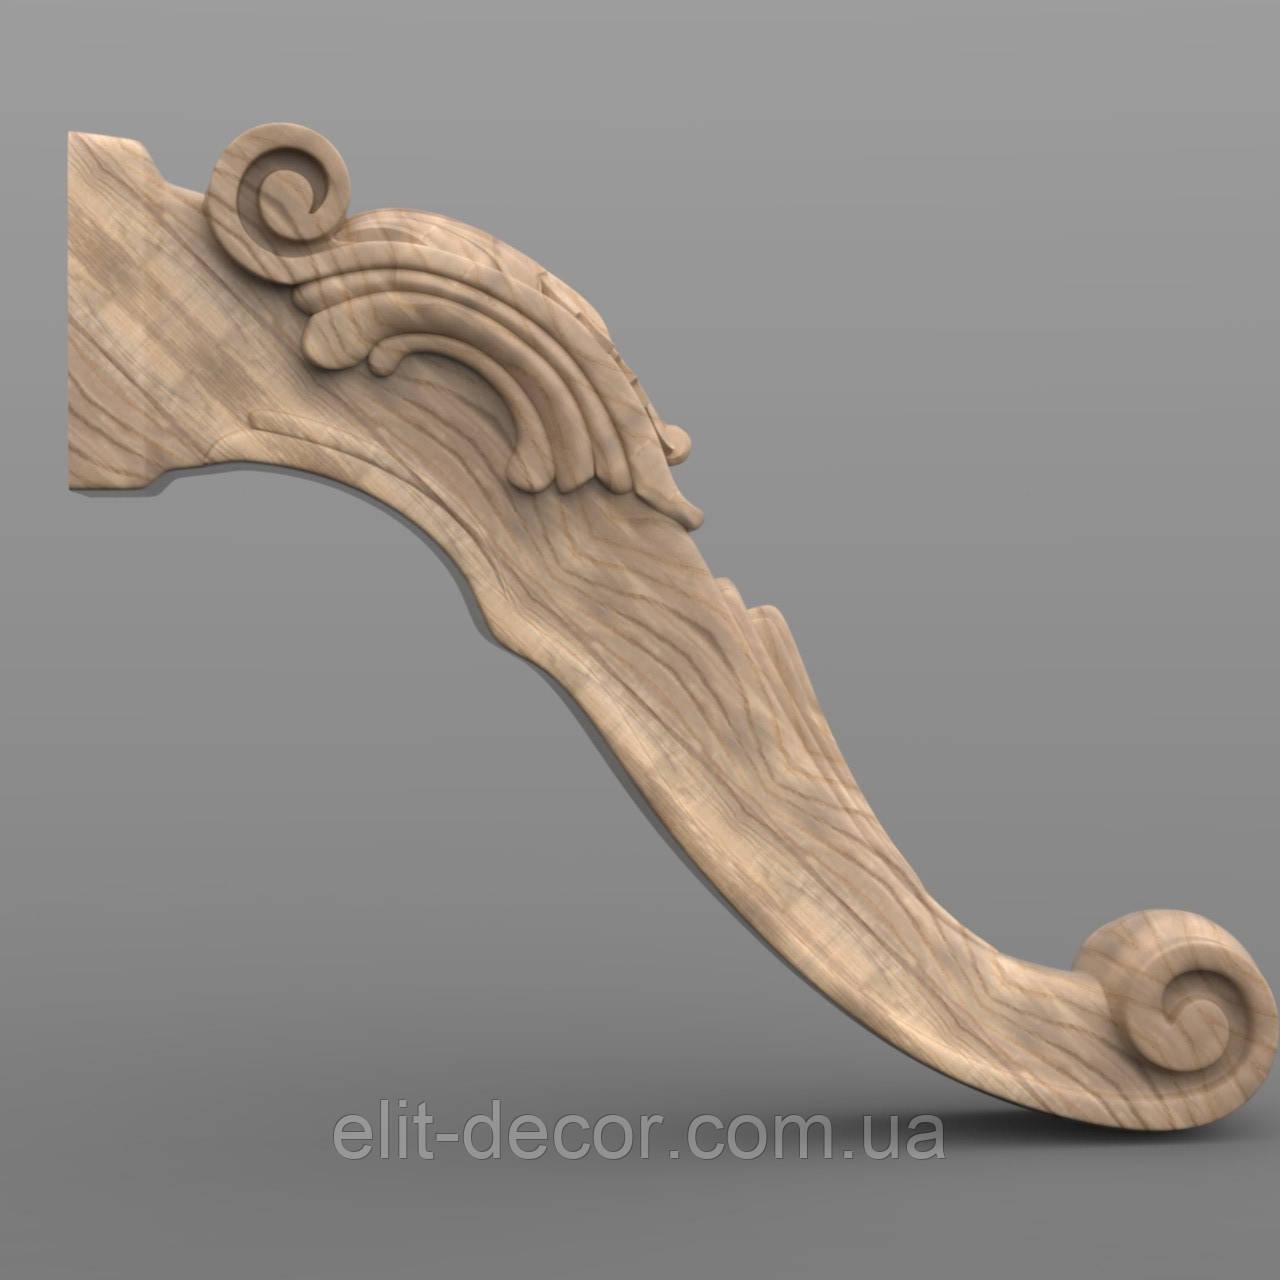 Резная опора. Ножка деревяная 460x140x90. NA-006